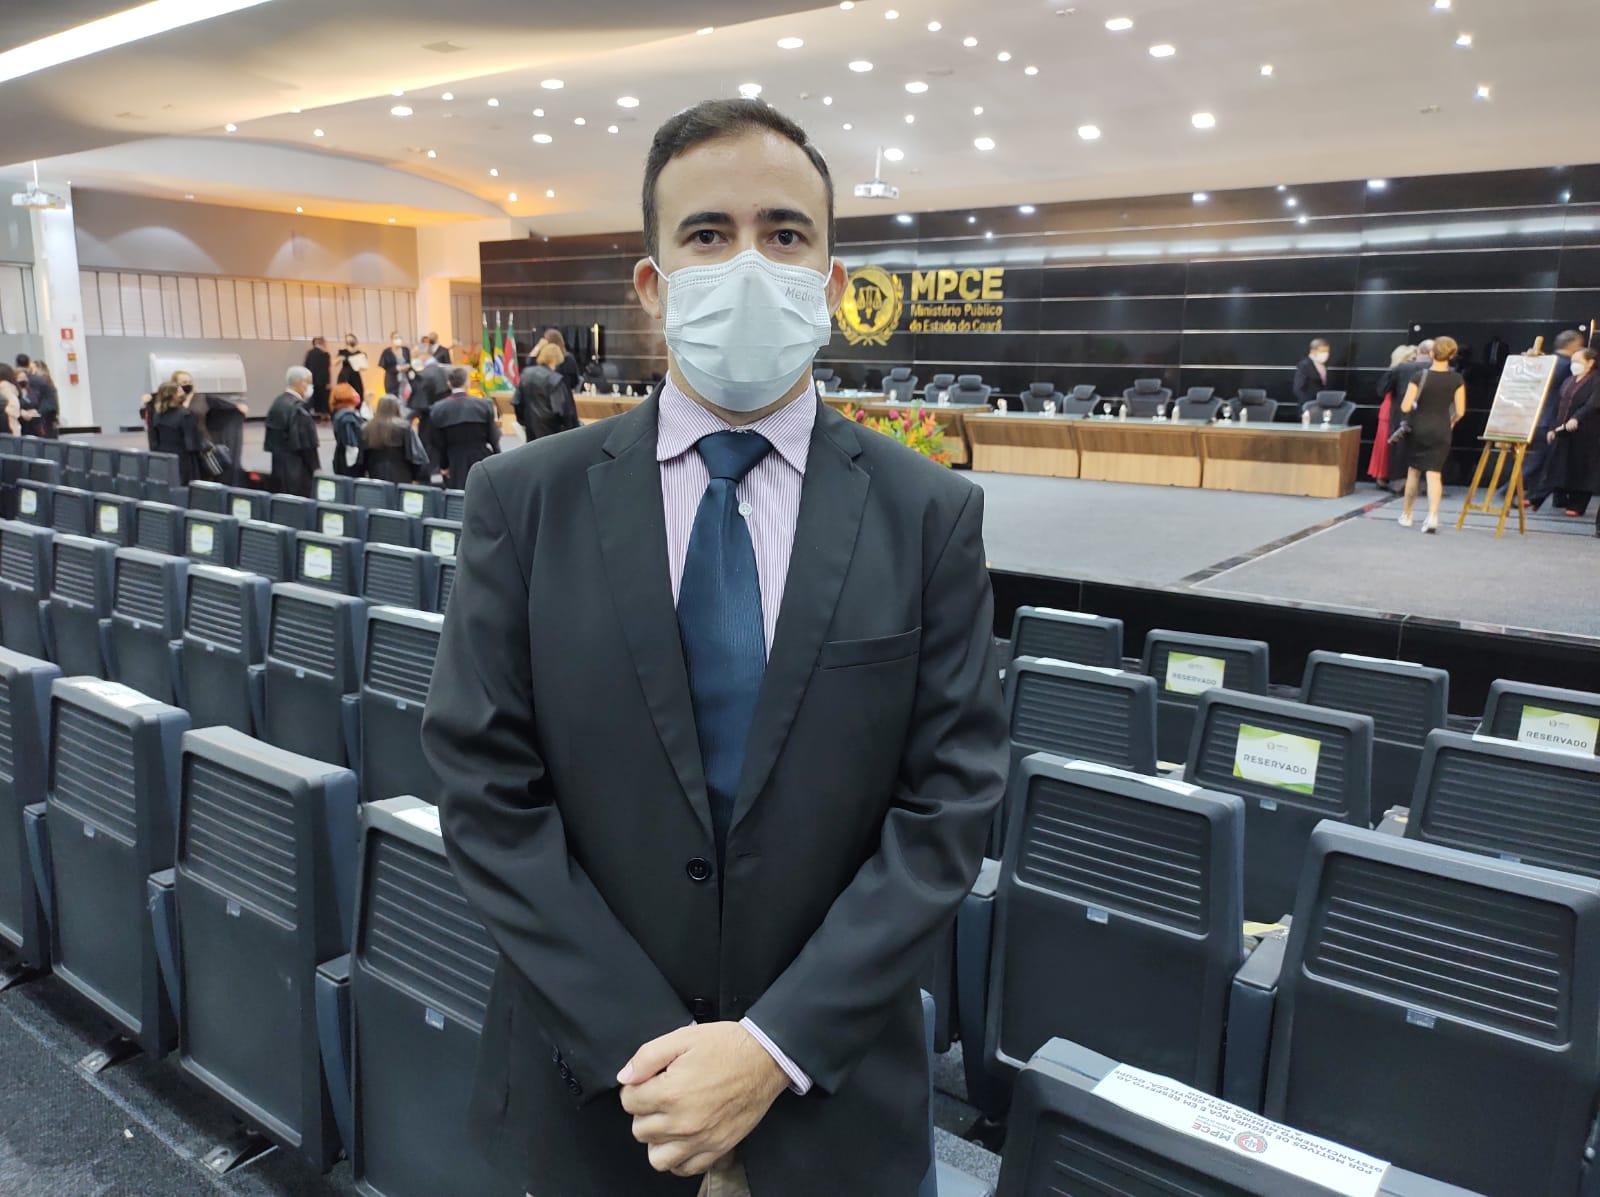 Sinsempece participa de solenidade de inauguração da nova sede do MPCE